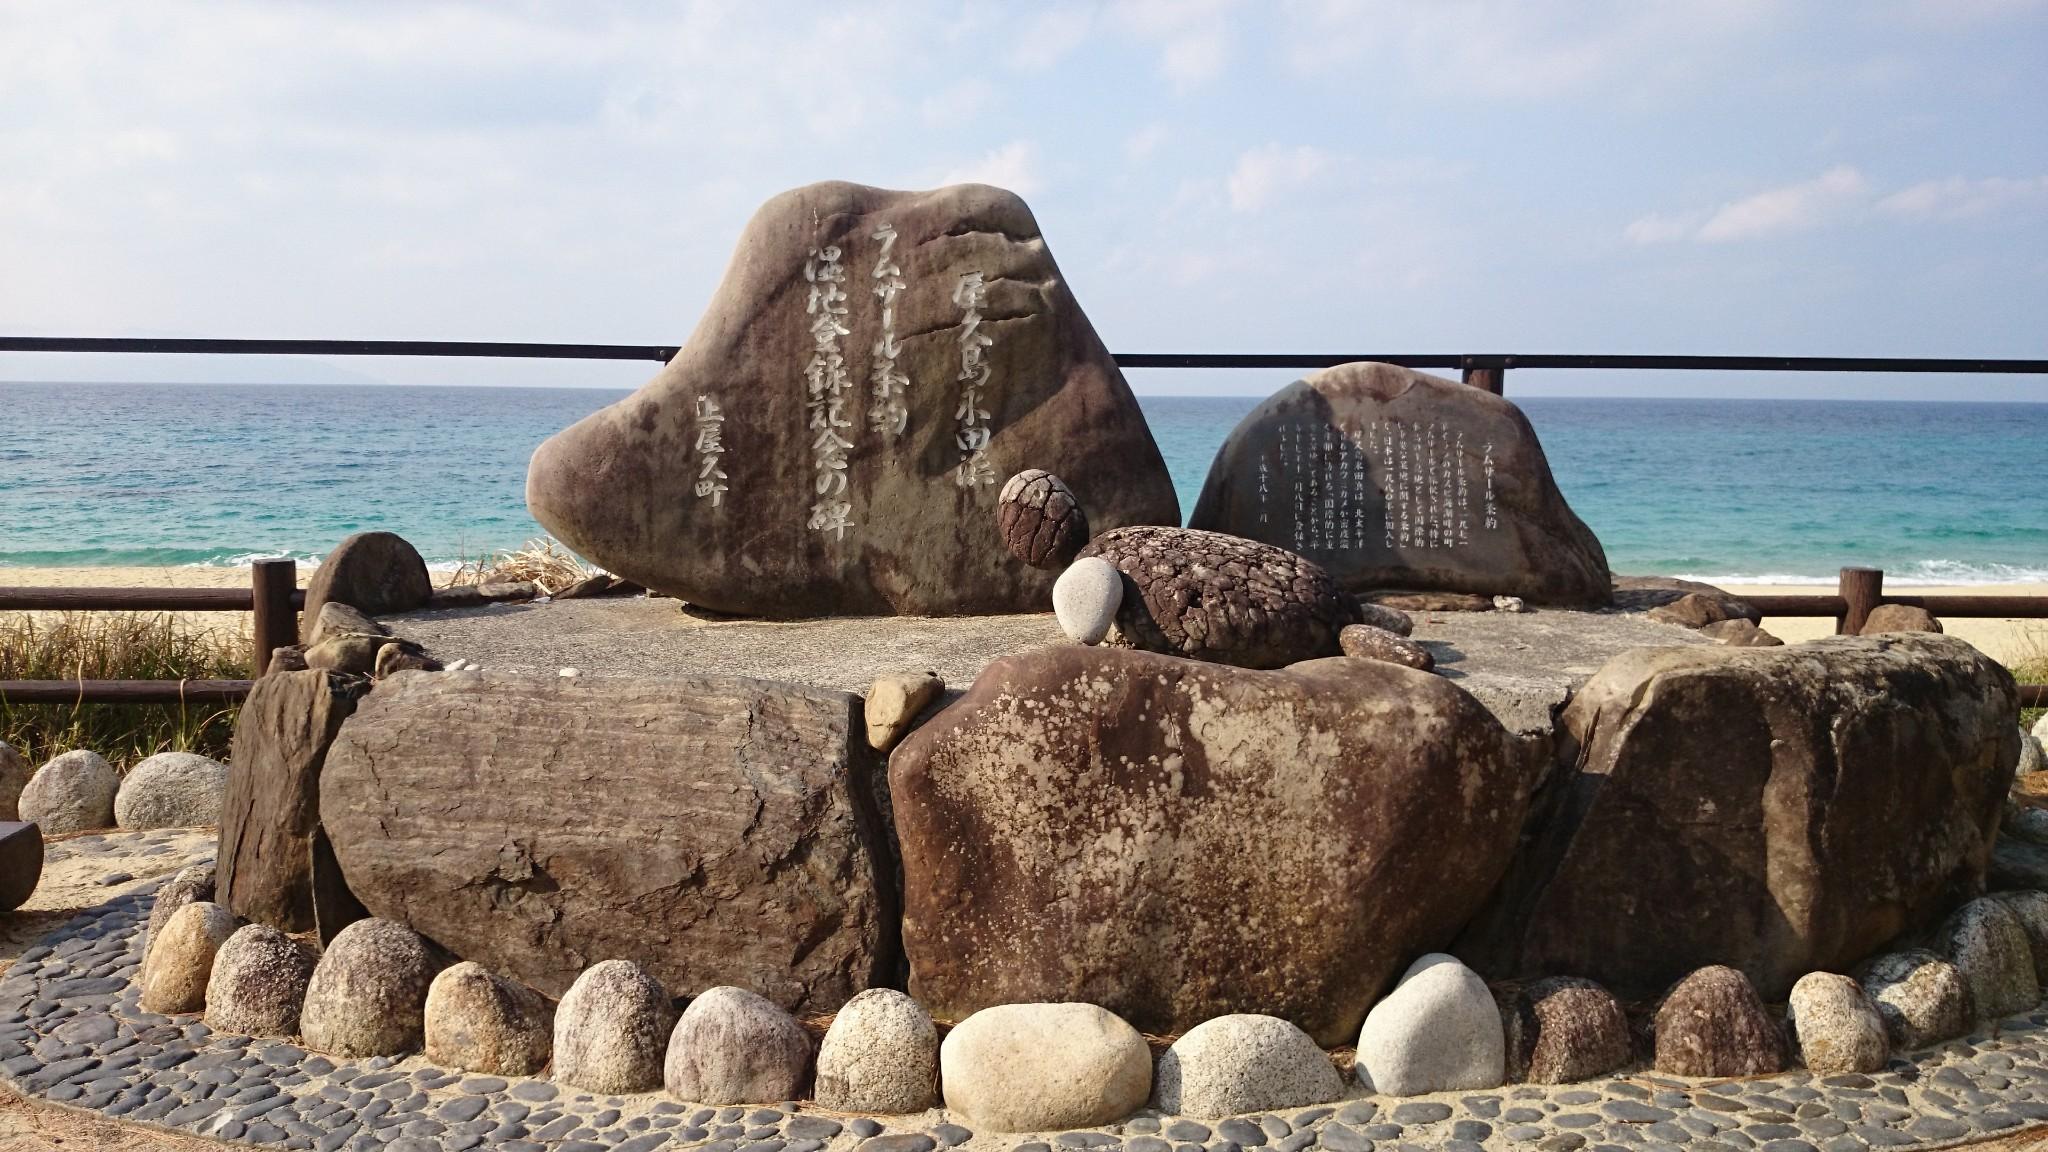 景点概况: 鹿儿岛拥有以世界遗产屋久岛为首的各种特色岛屿,樱岛等火山,茂密的森林,丰富的温泉等,具有多姿多彩的大自然风景和个性力的历史文化等得天独厚的观光资源,是日本为数不多的观光县之一,是日本古代文化发源地之一。此外,还是日本国内唯一拥有聚集了现代科学精粹的宇宙火箭发射设施的县。鹿儿岛市位于日本九州最南端,是著名的温泉之乡,也是世界上为数不多紧邻活火山的城市之一。这里气候温暖湿润,冬日温和。